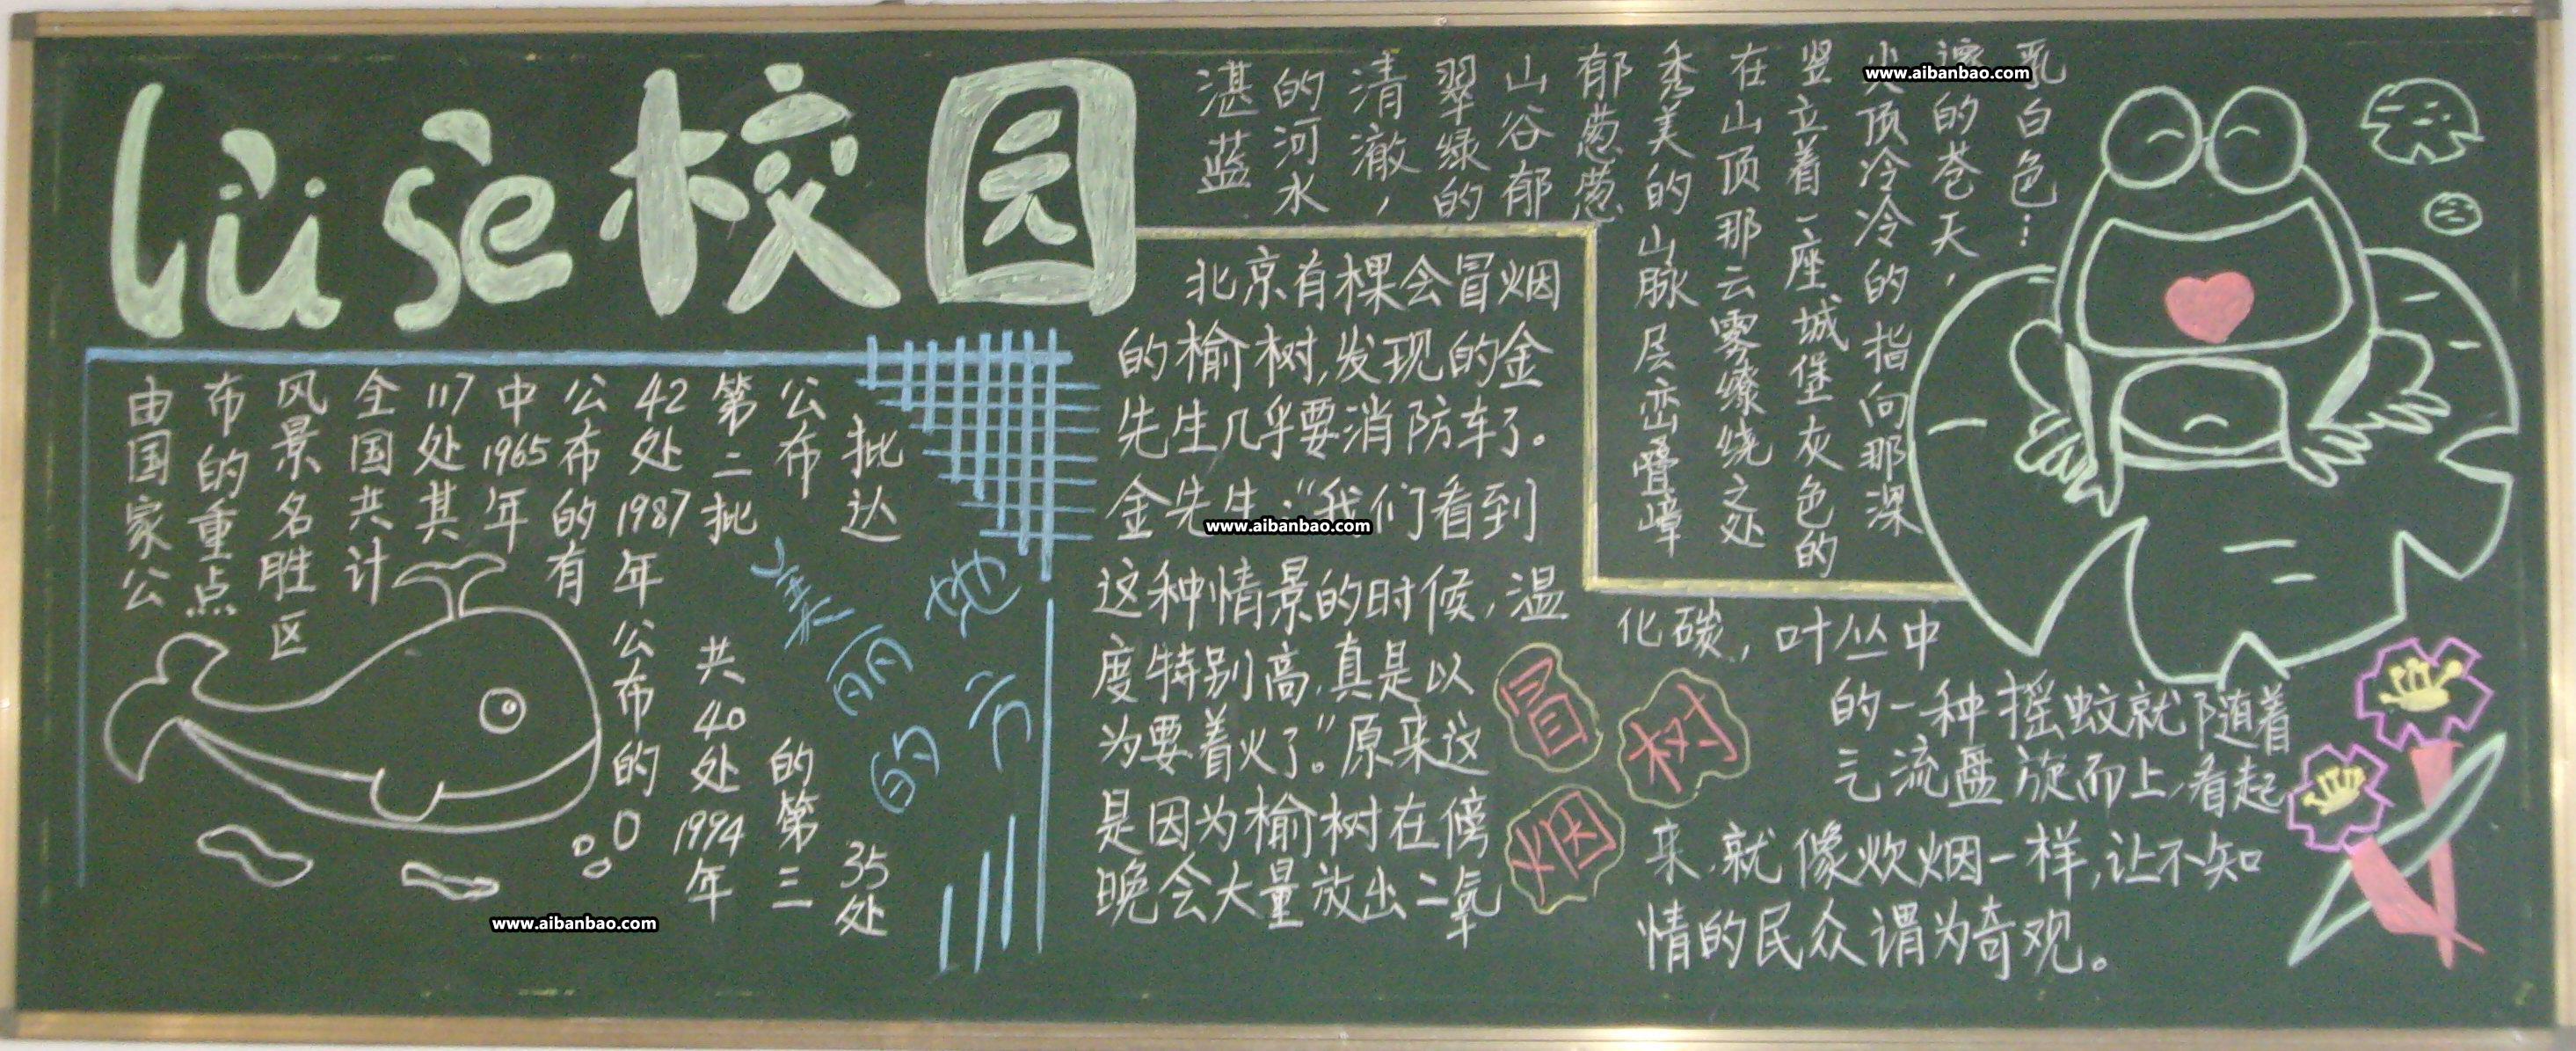 大学开学黑板报内容内容大学开学黑板报内容图片